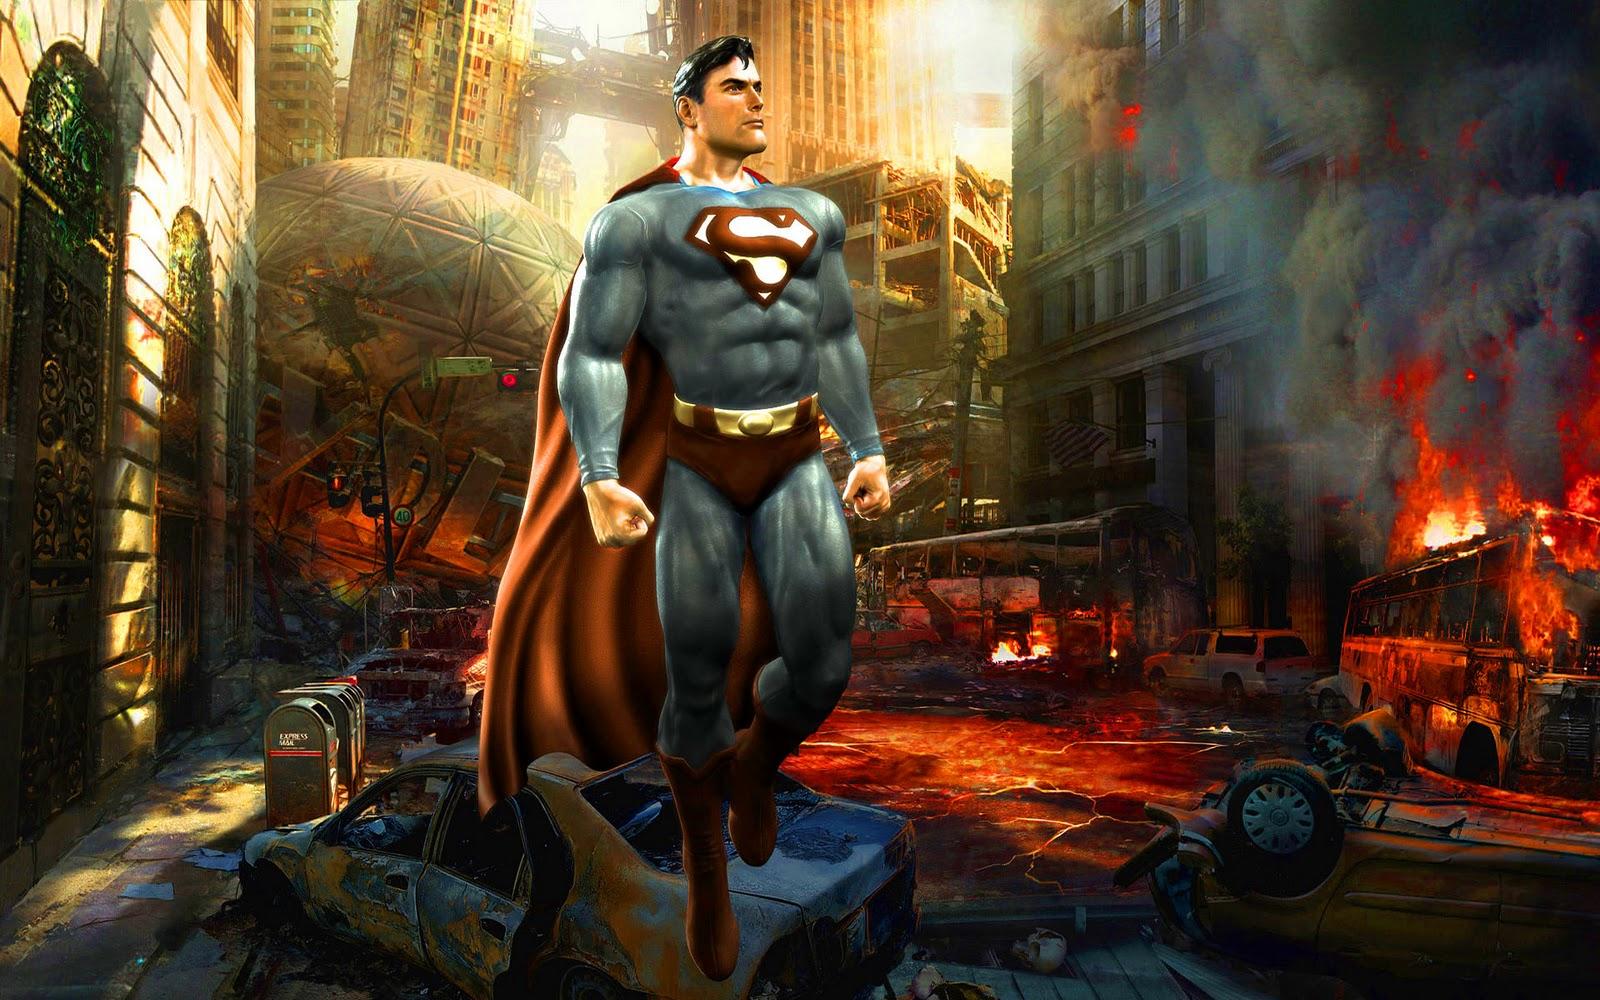 http://2.bp.blogspot.com/-6zCr44bca5E/TZnGDlWNZWI/AAAAAAAAGj4/yvhlkzHWwRw/s1600/Superman-achtergronden-hd-superman-wallpapers-afbeelding-2.jpg